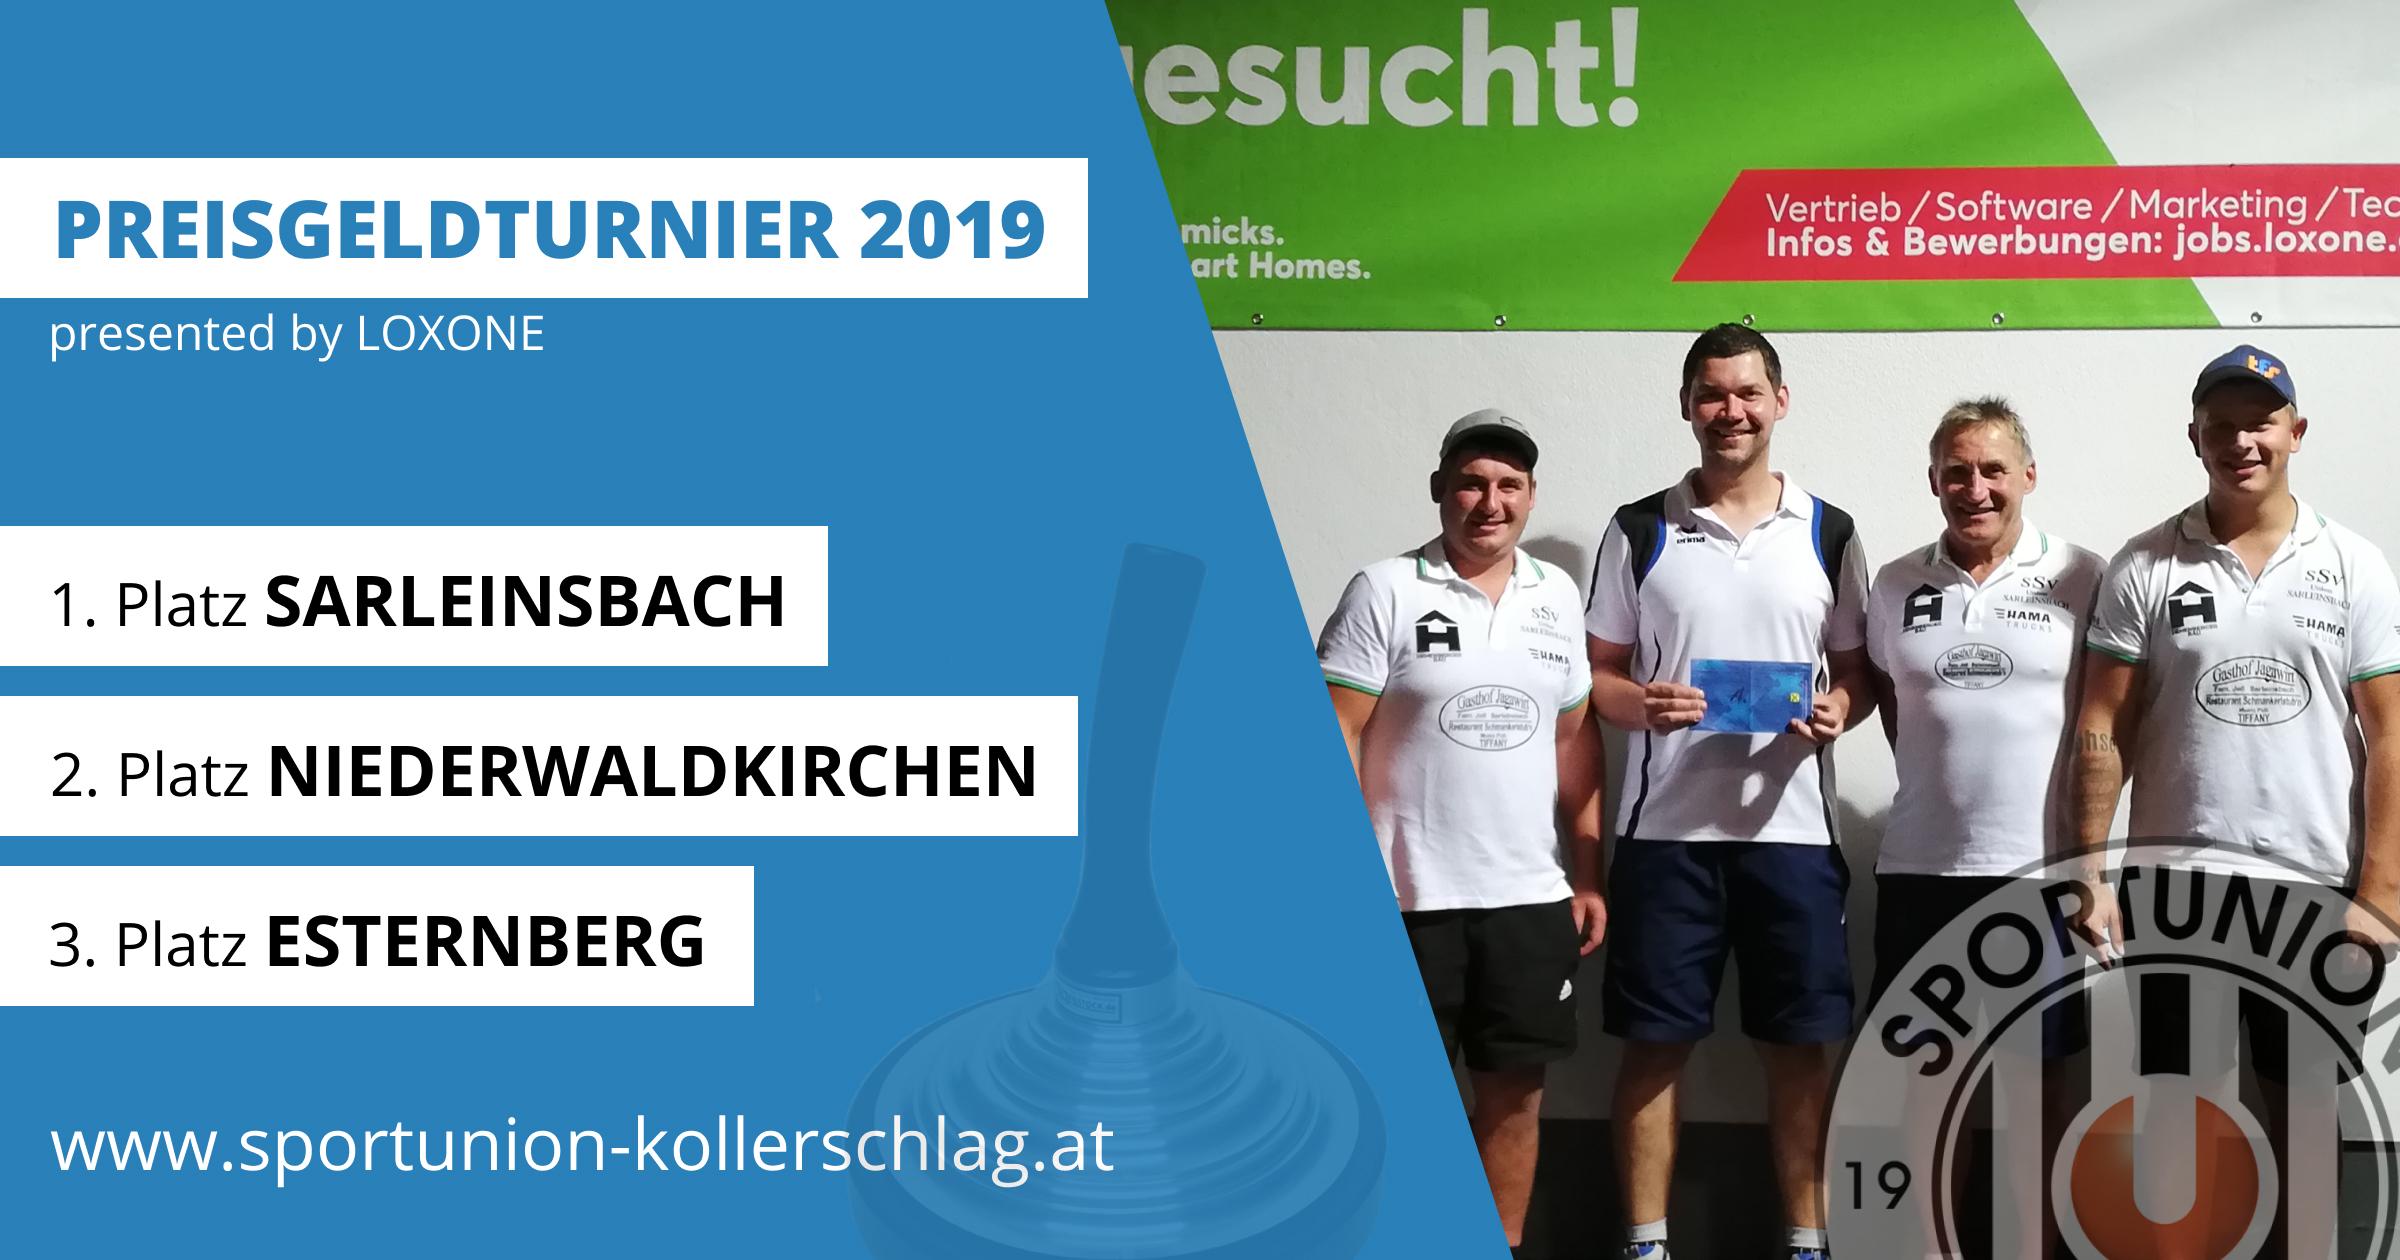 SSV Sarleinsbach gewinnt das LOXONE Preisgeldturnier 2019